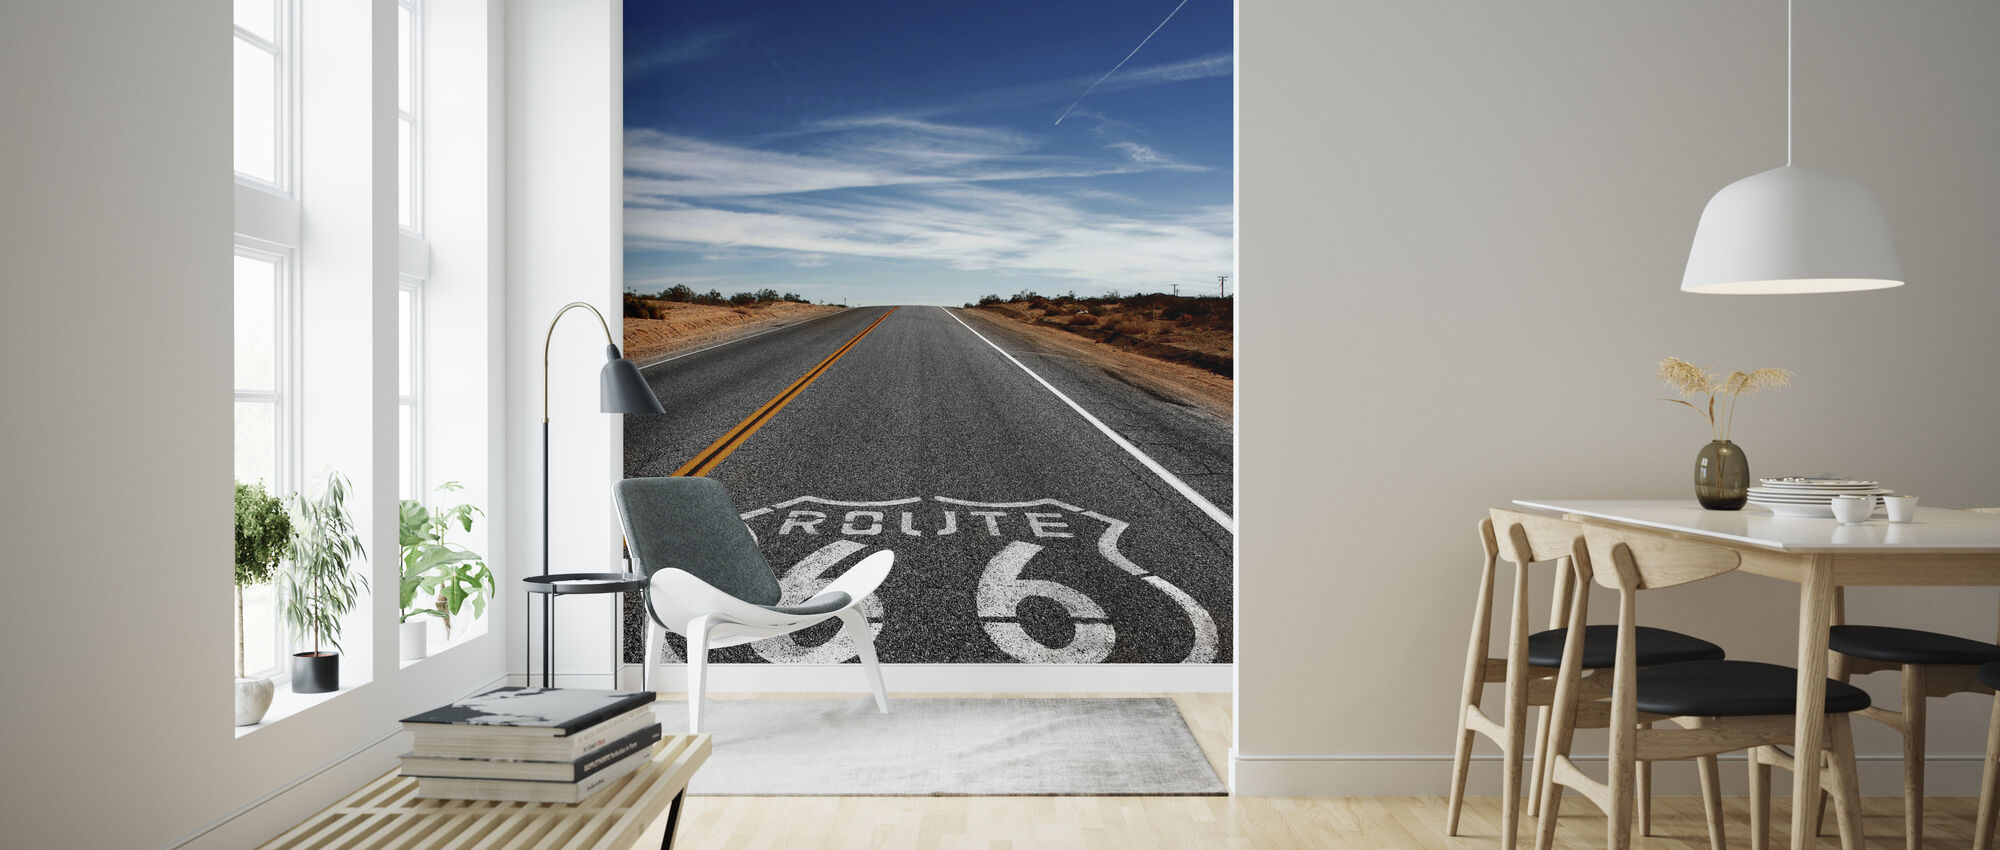 Rute 66 på veien igjen - Tapet - Stue